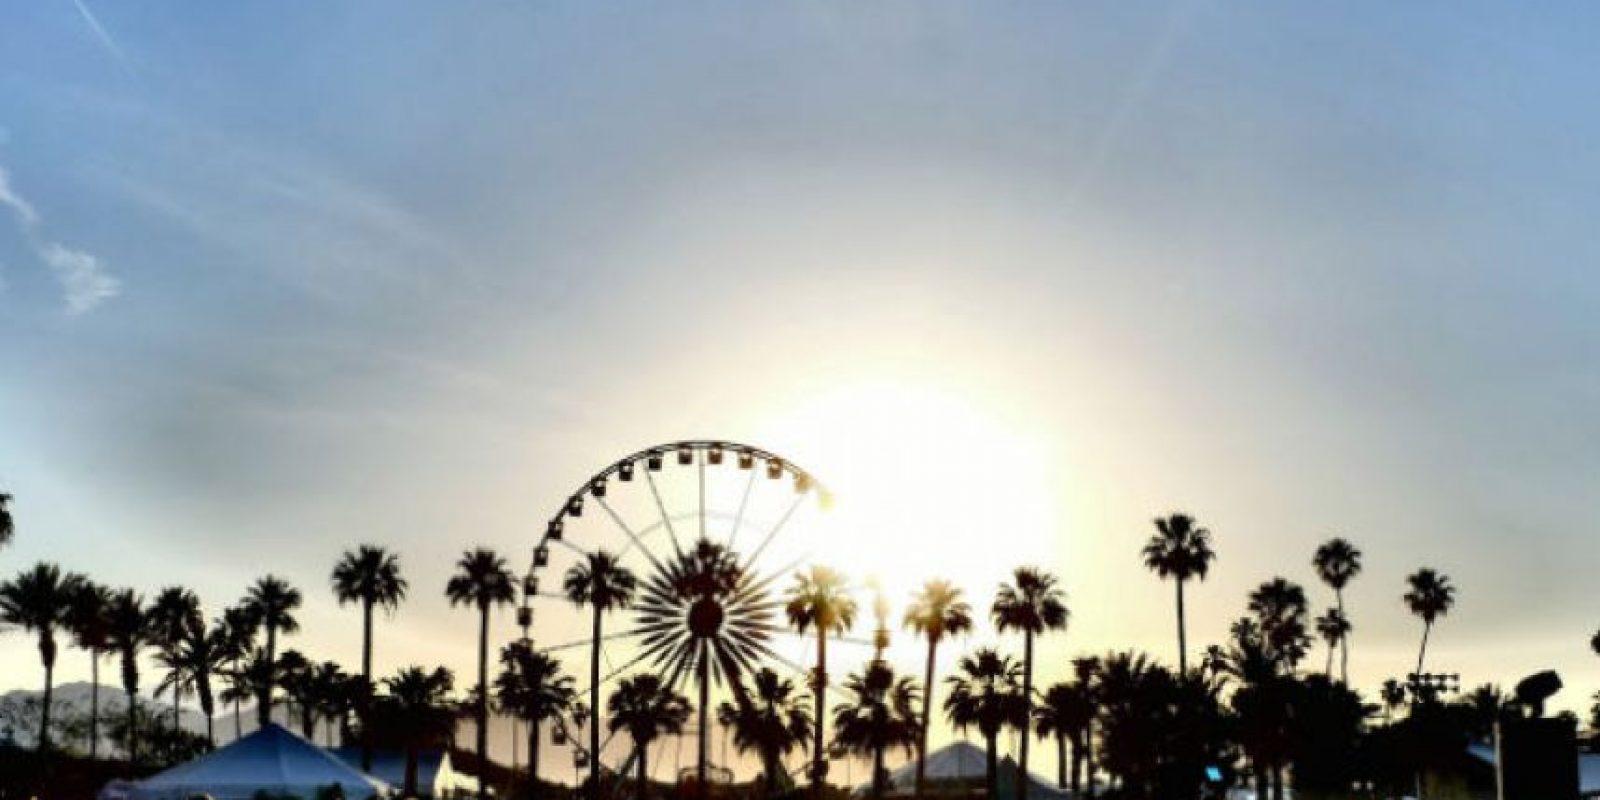 El festival celebrado en Indio, California, es considerado por los críticos y asistentes como uno de los mejores y más grandes del mundo. Foto:Getty Images